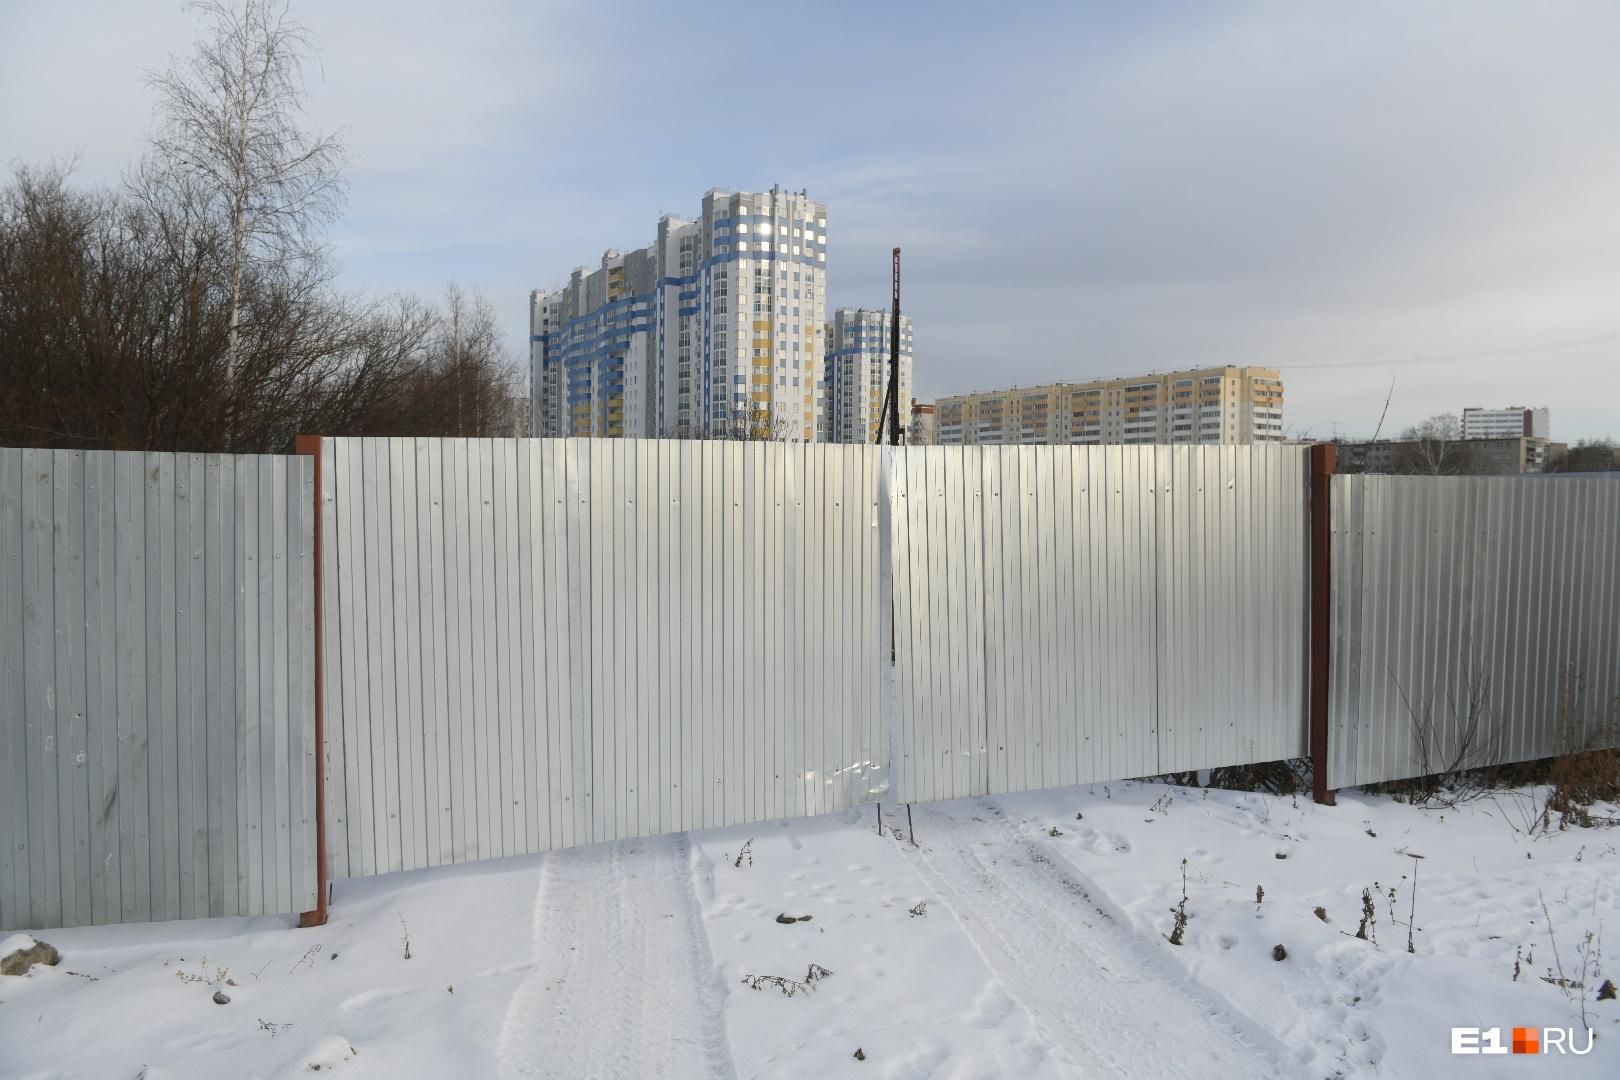 Площадка огорожена забором